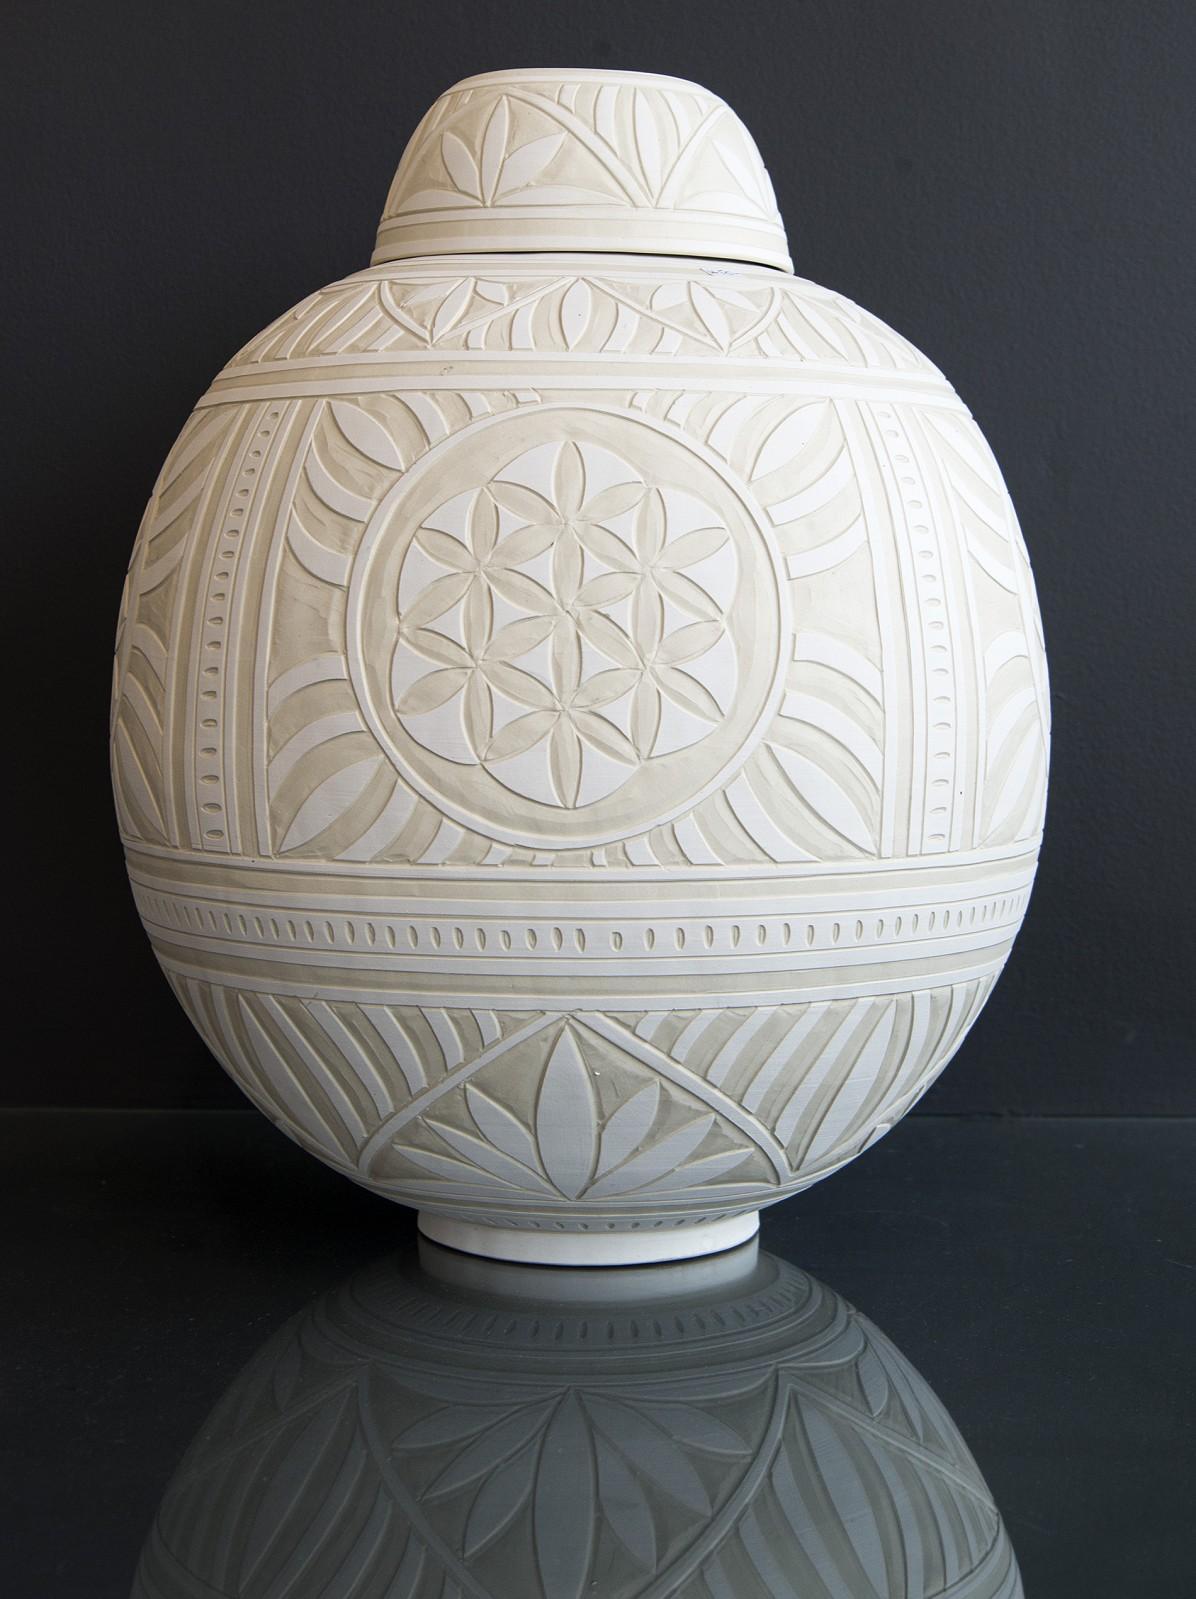 Large Engraved Ginger Jar - decorative, detailed, handcrafted, porcelain vessel